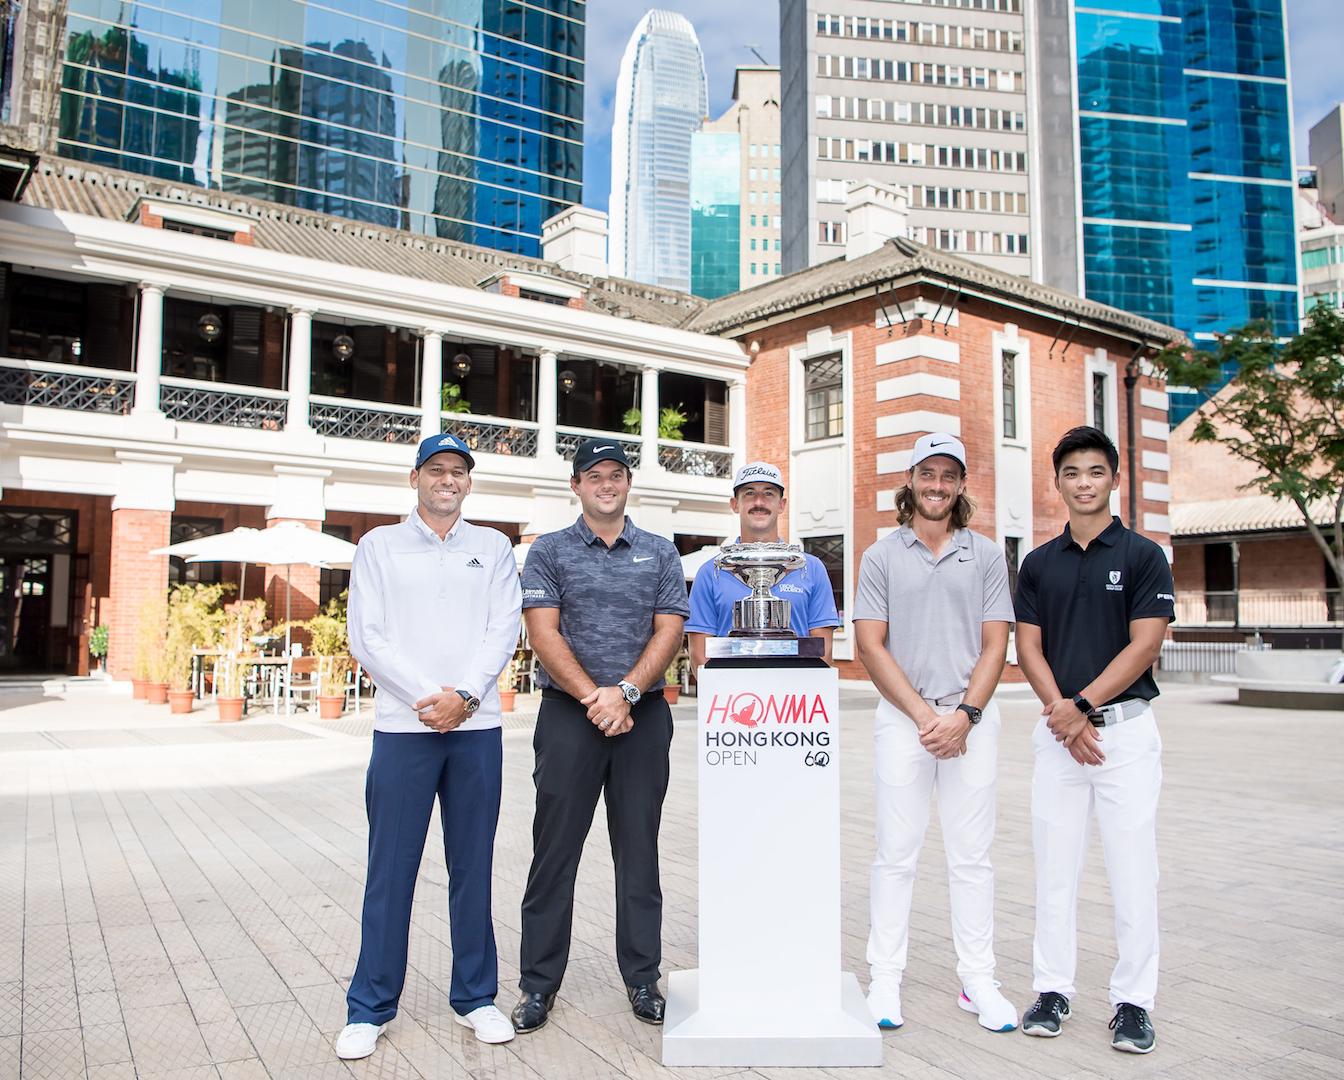 一眾高球星將昨率先於中環大館現身,為香港高爾夫球公開賽造勢。相片由公關提供